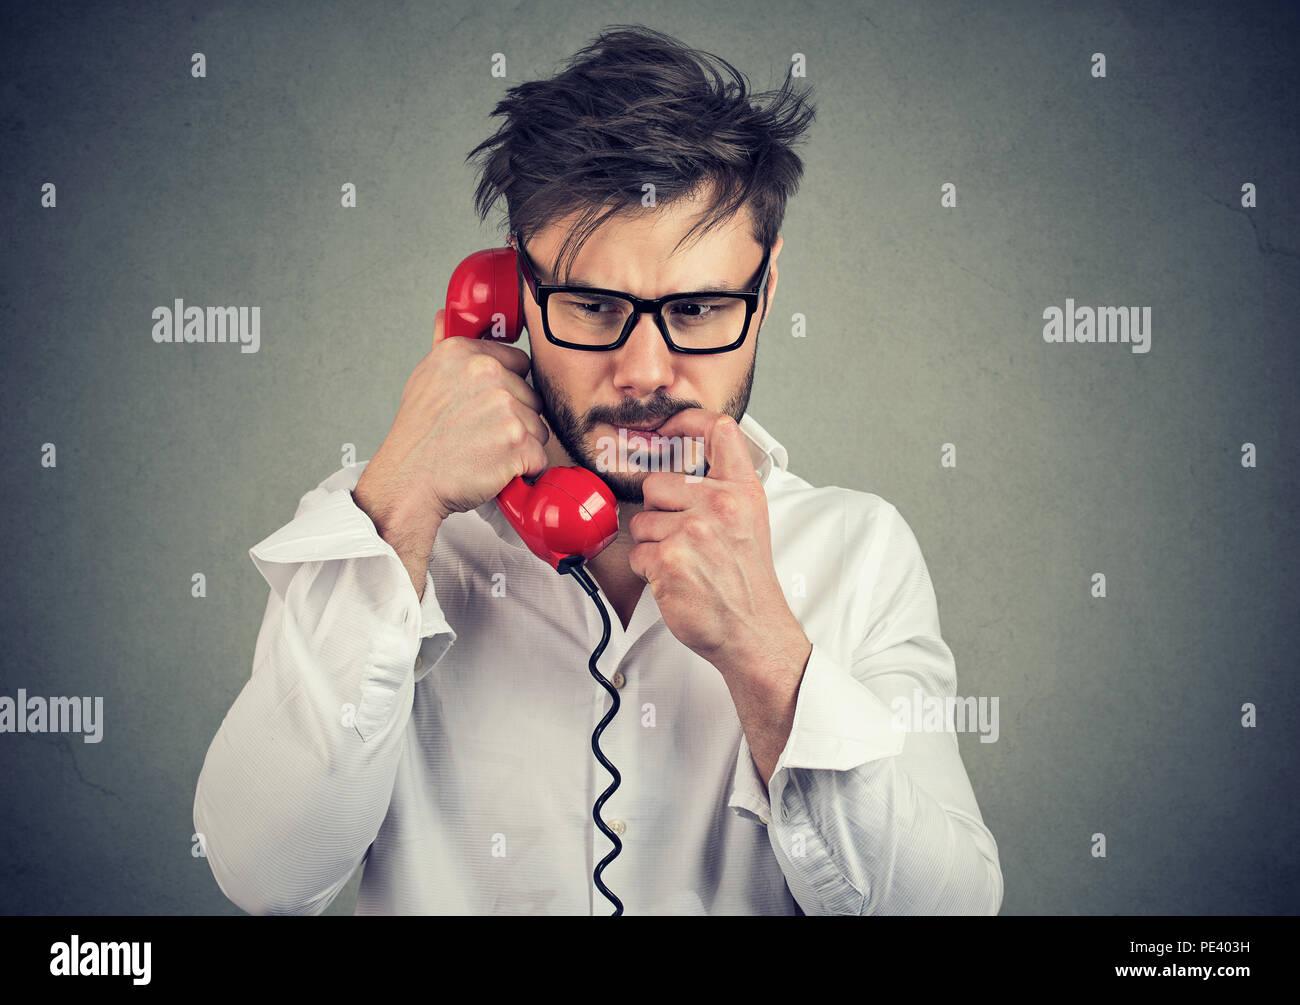 Junge frustrierter Mann in Gläser, die Anruf auf Telefon und beißen Nail suchen nervös beim Sprechen auf grauem Hintergrund Stockbild